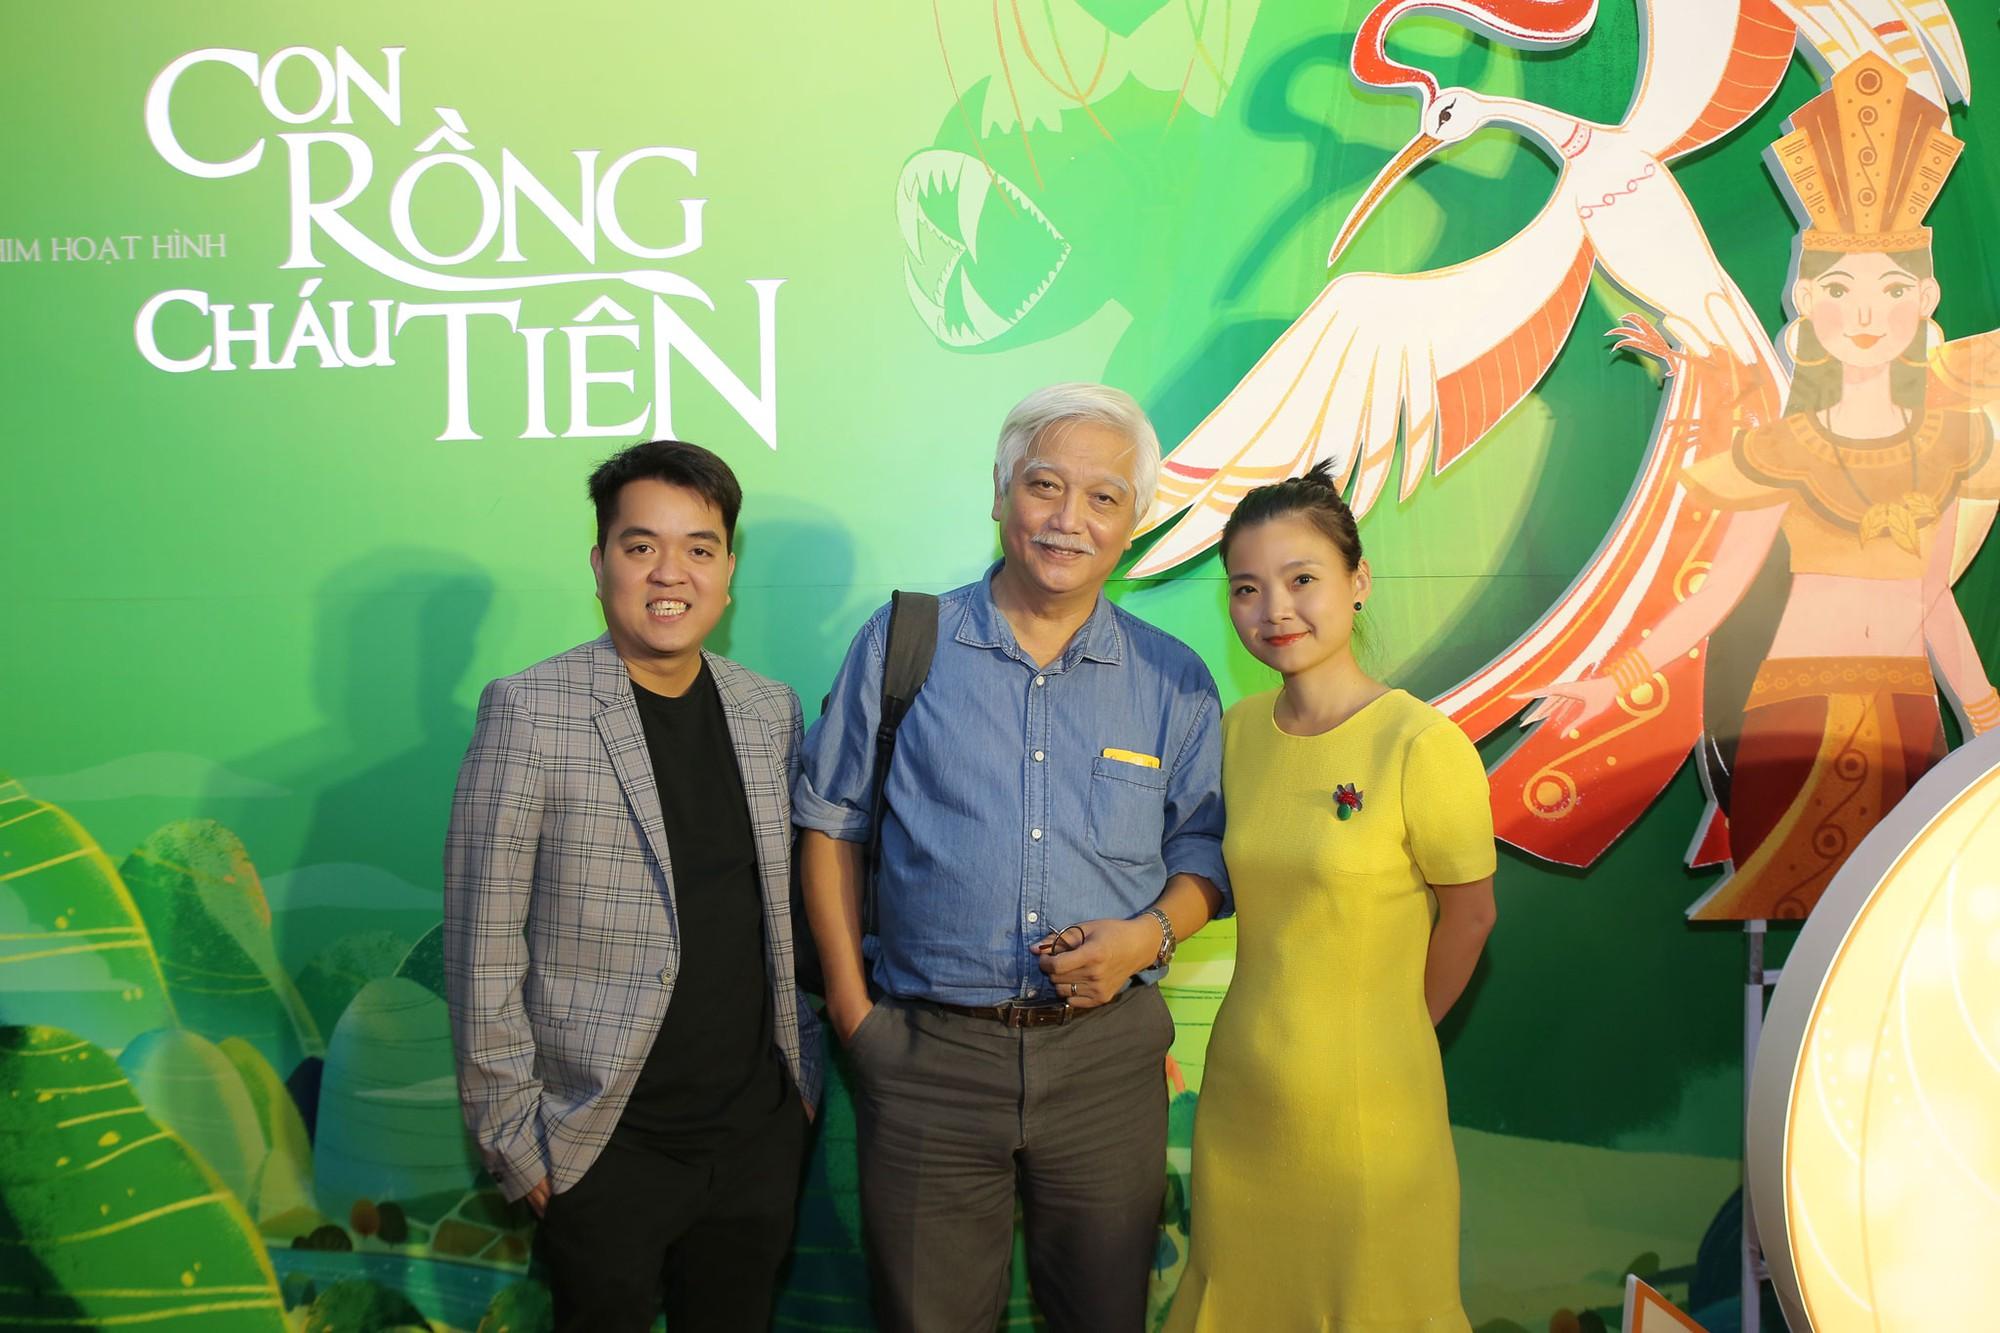 Giám đốc dự án phim hoạt hình Con Rồng Cháu Tiên: Đây chỉ là bước mở màn, chúng tôi còn nhiều dự án lớn hơn về văn hoá Việt Nam! - Ảnh 7.